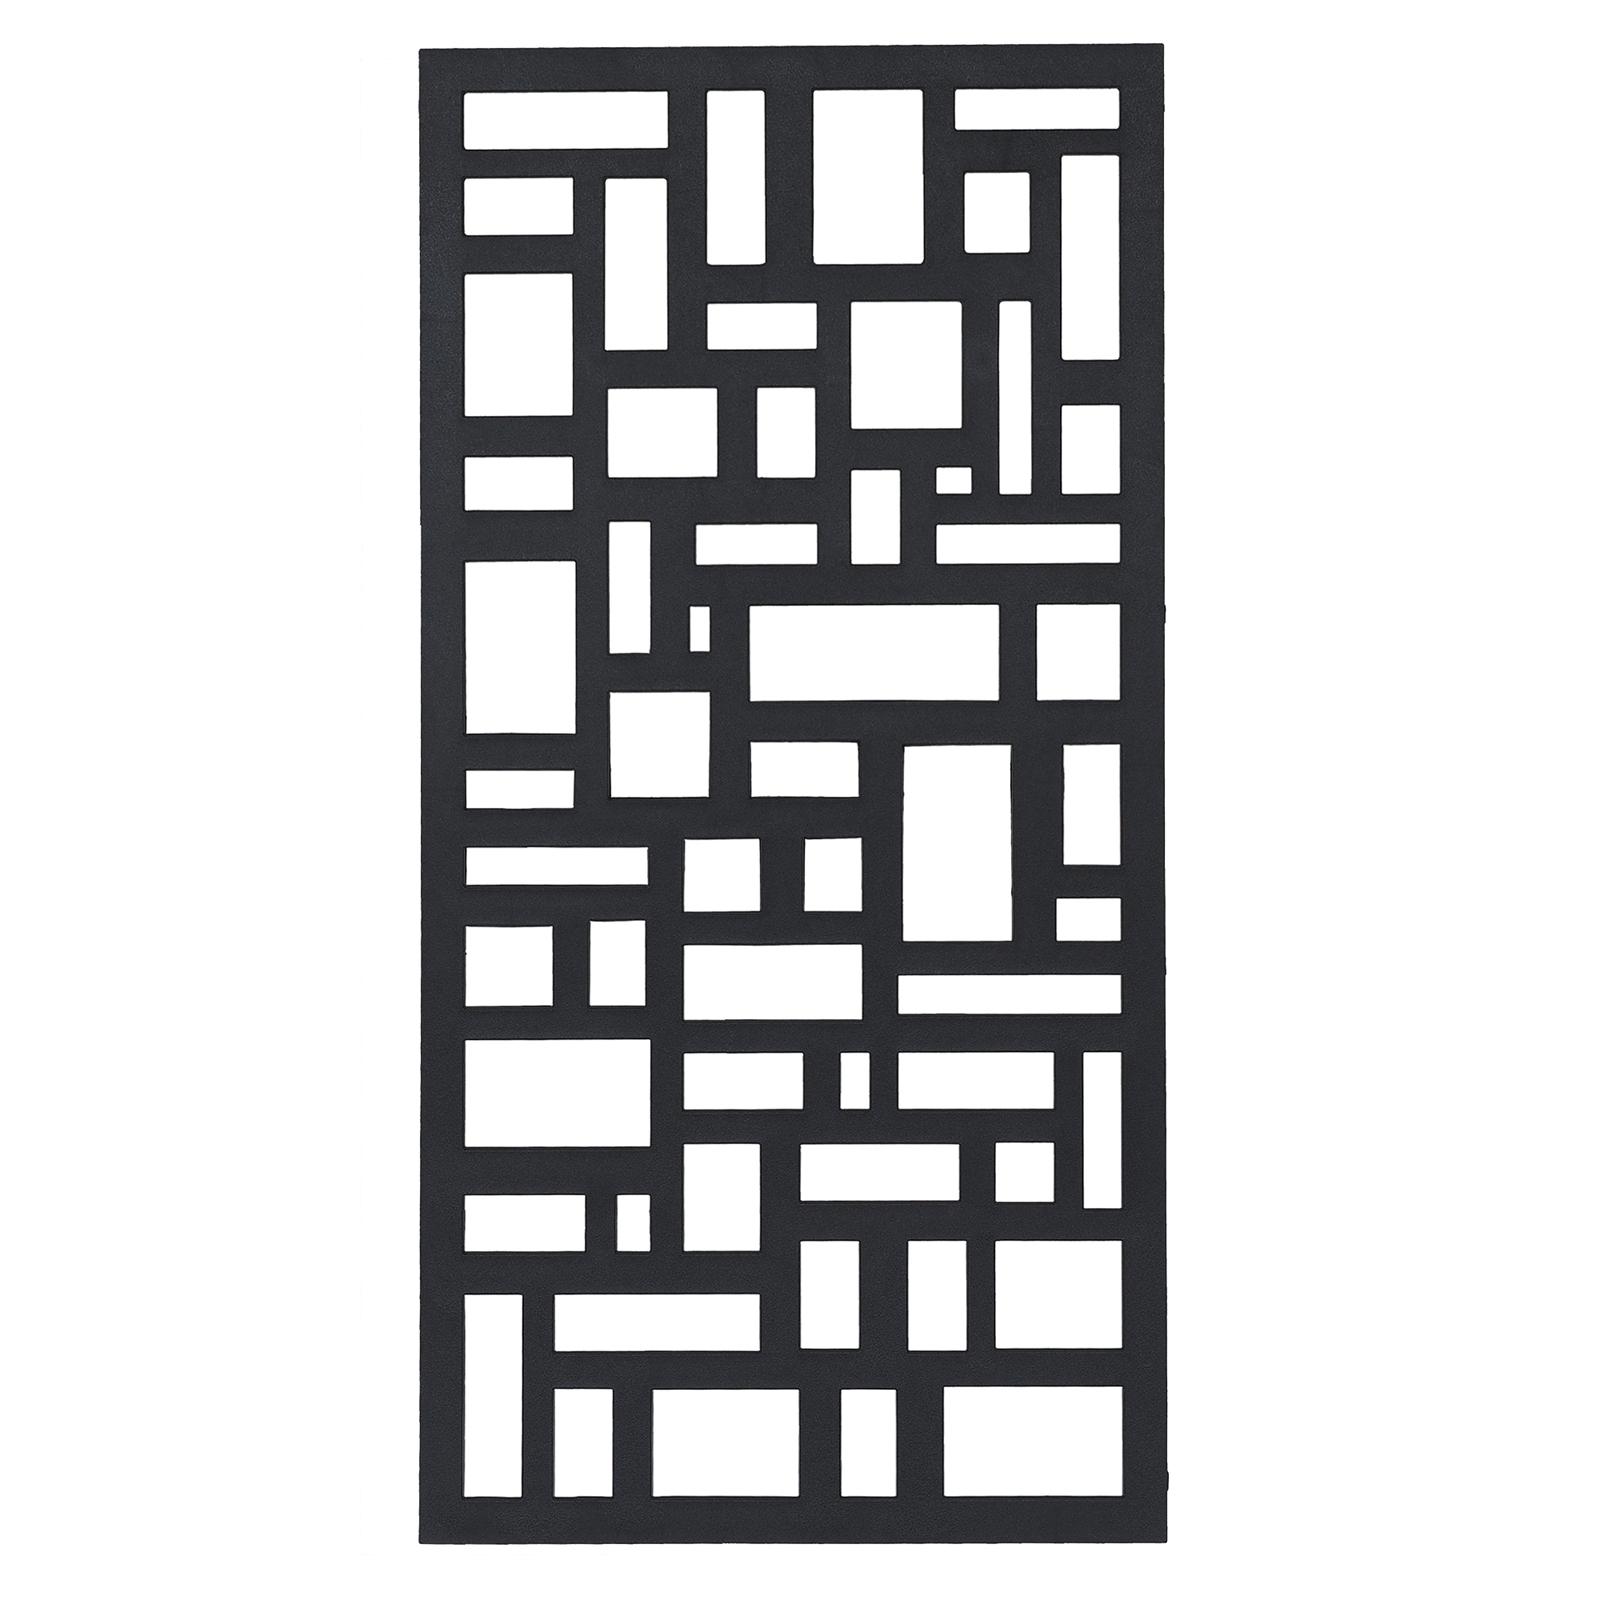 Matrix 1155 x 575mm Charcoal Cobblestones Wall Art